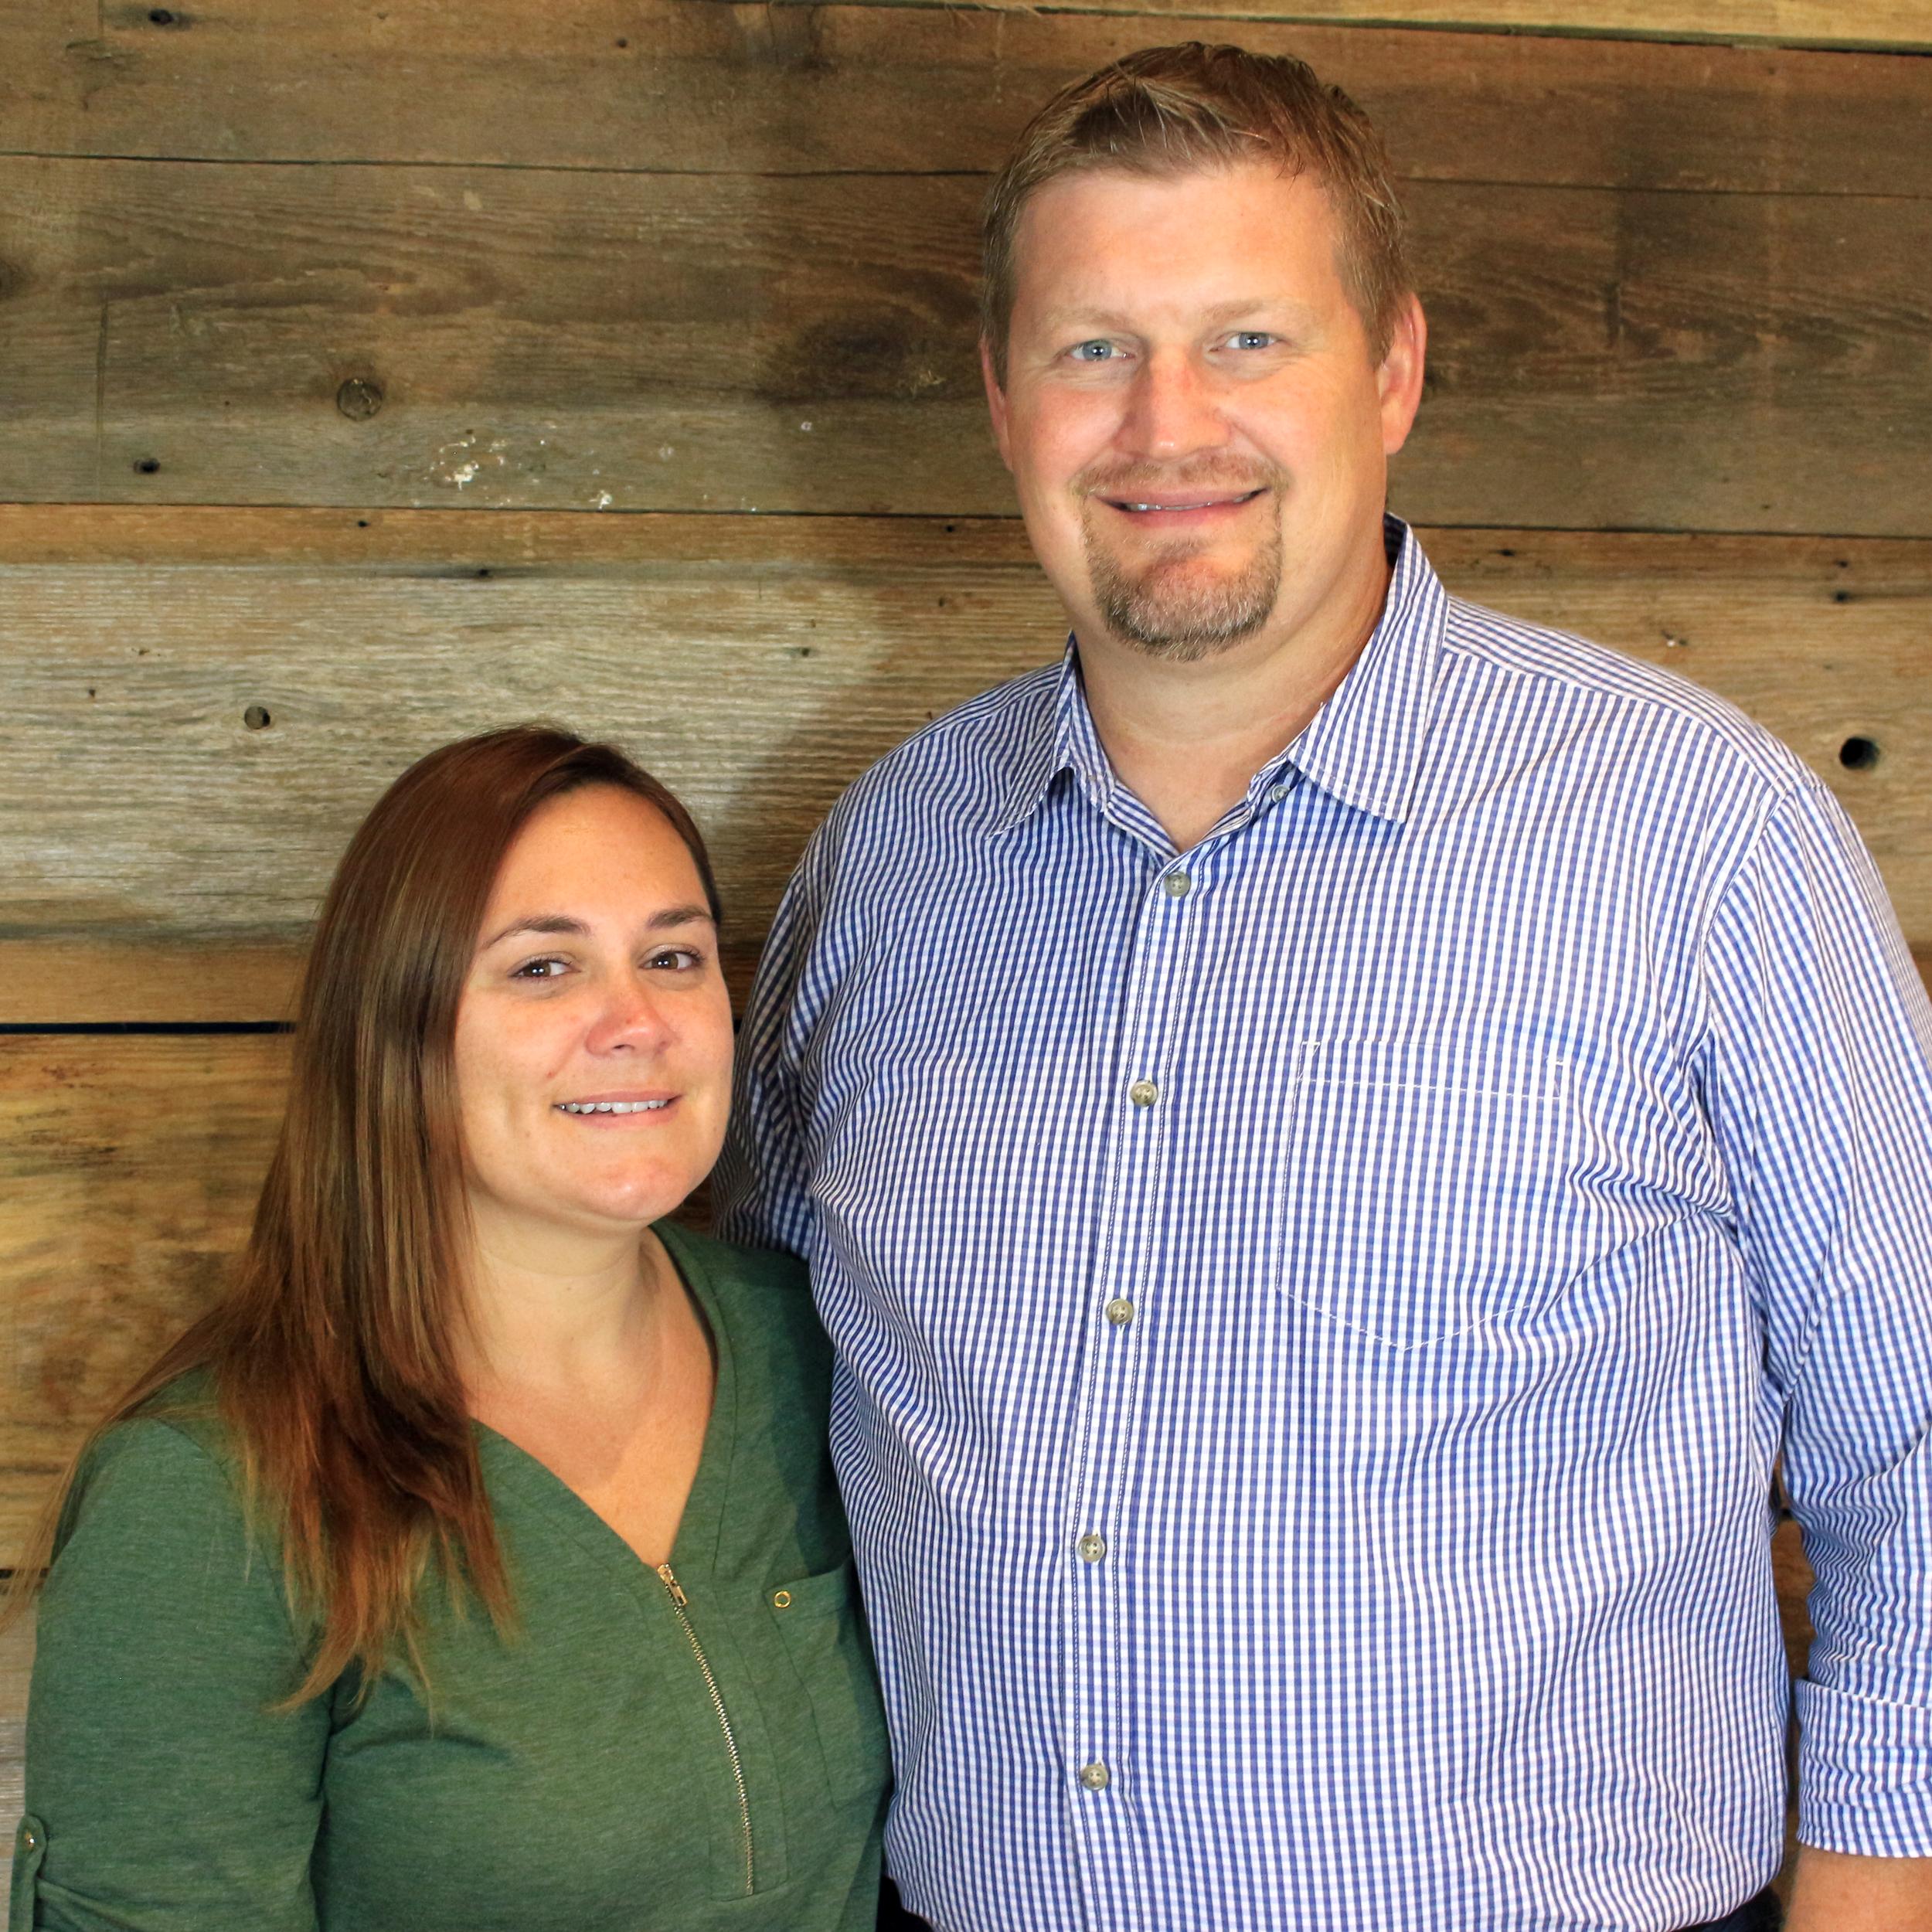 Ellen & Nathan Burford - Mission Team Leaders